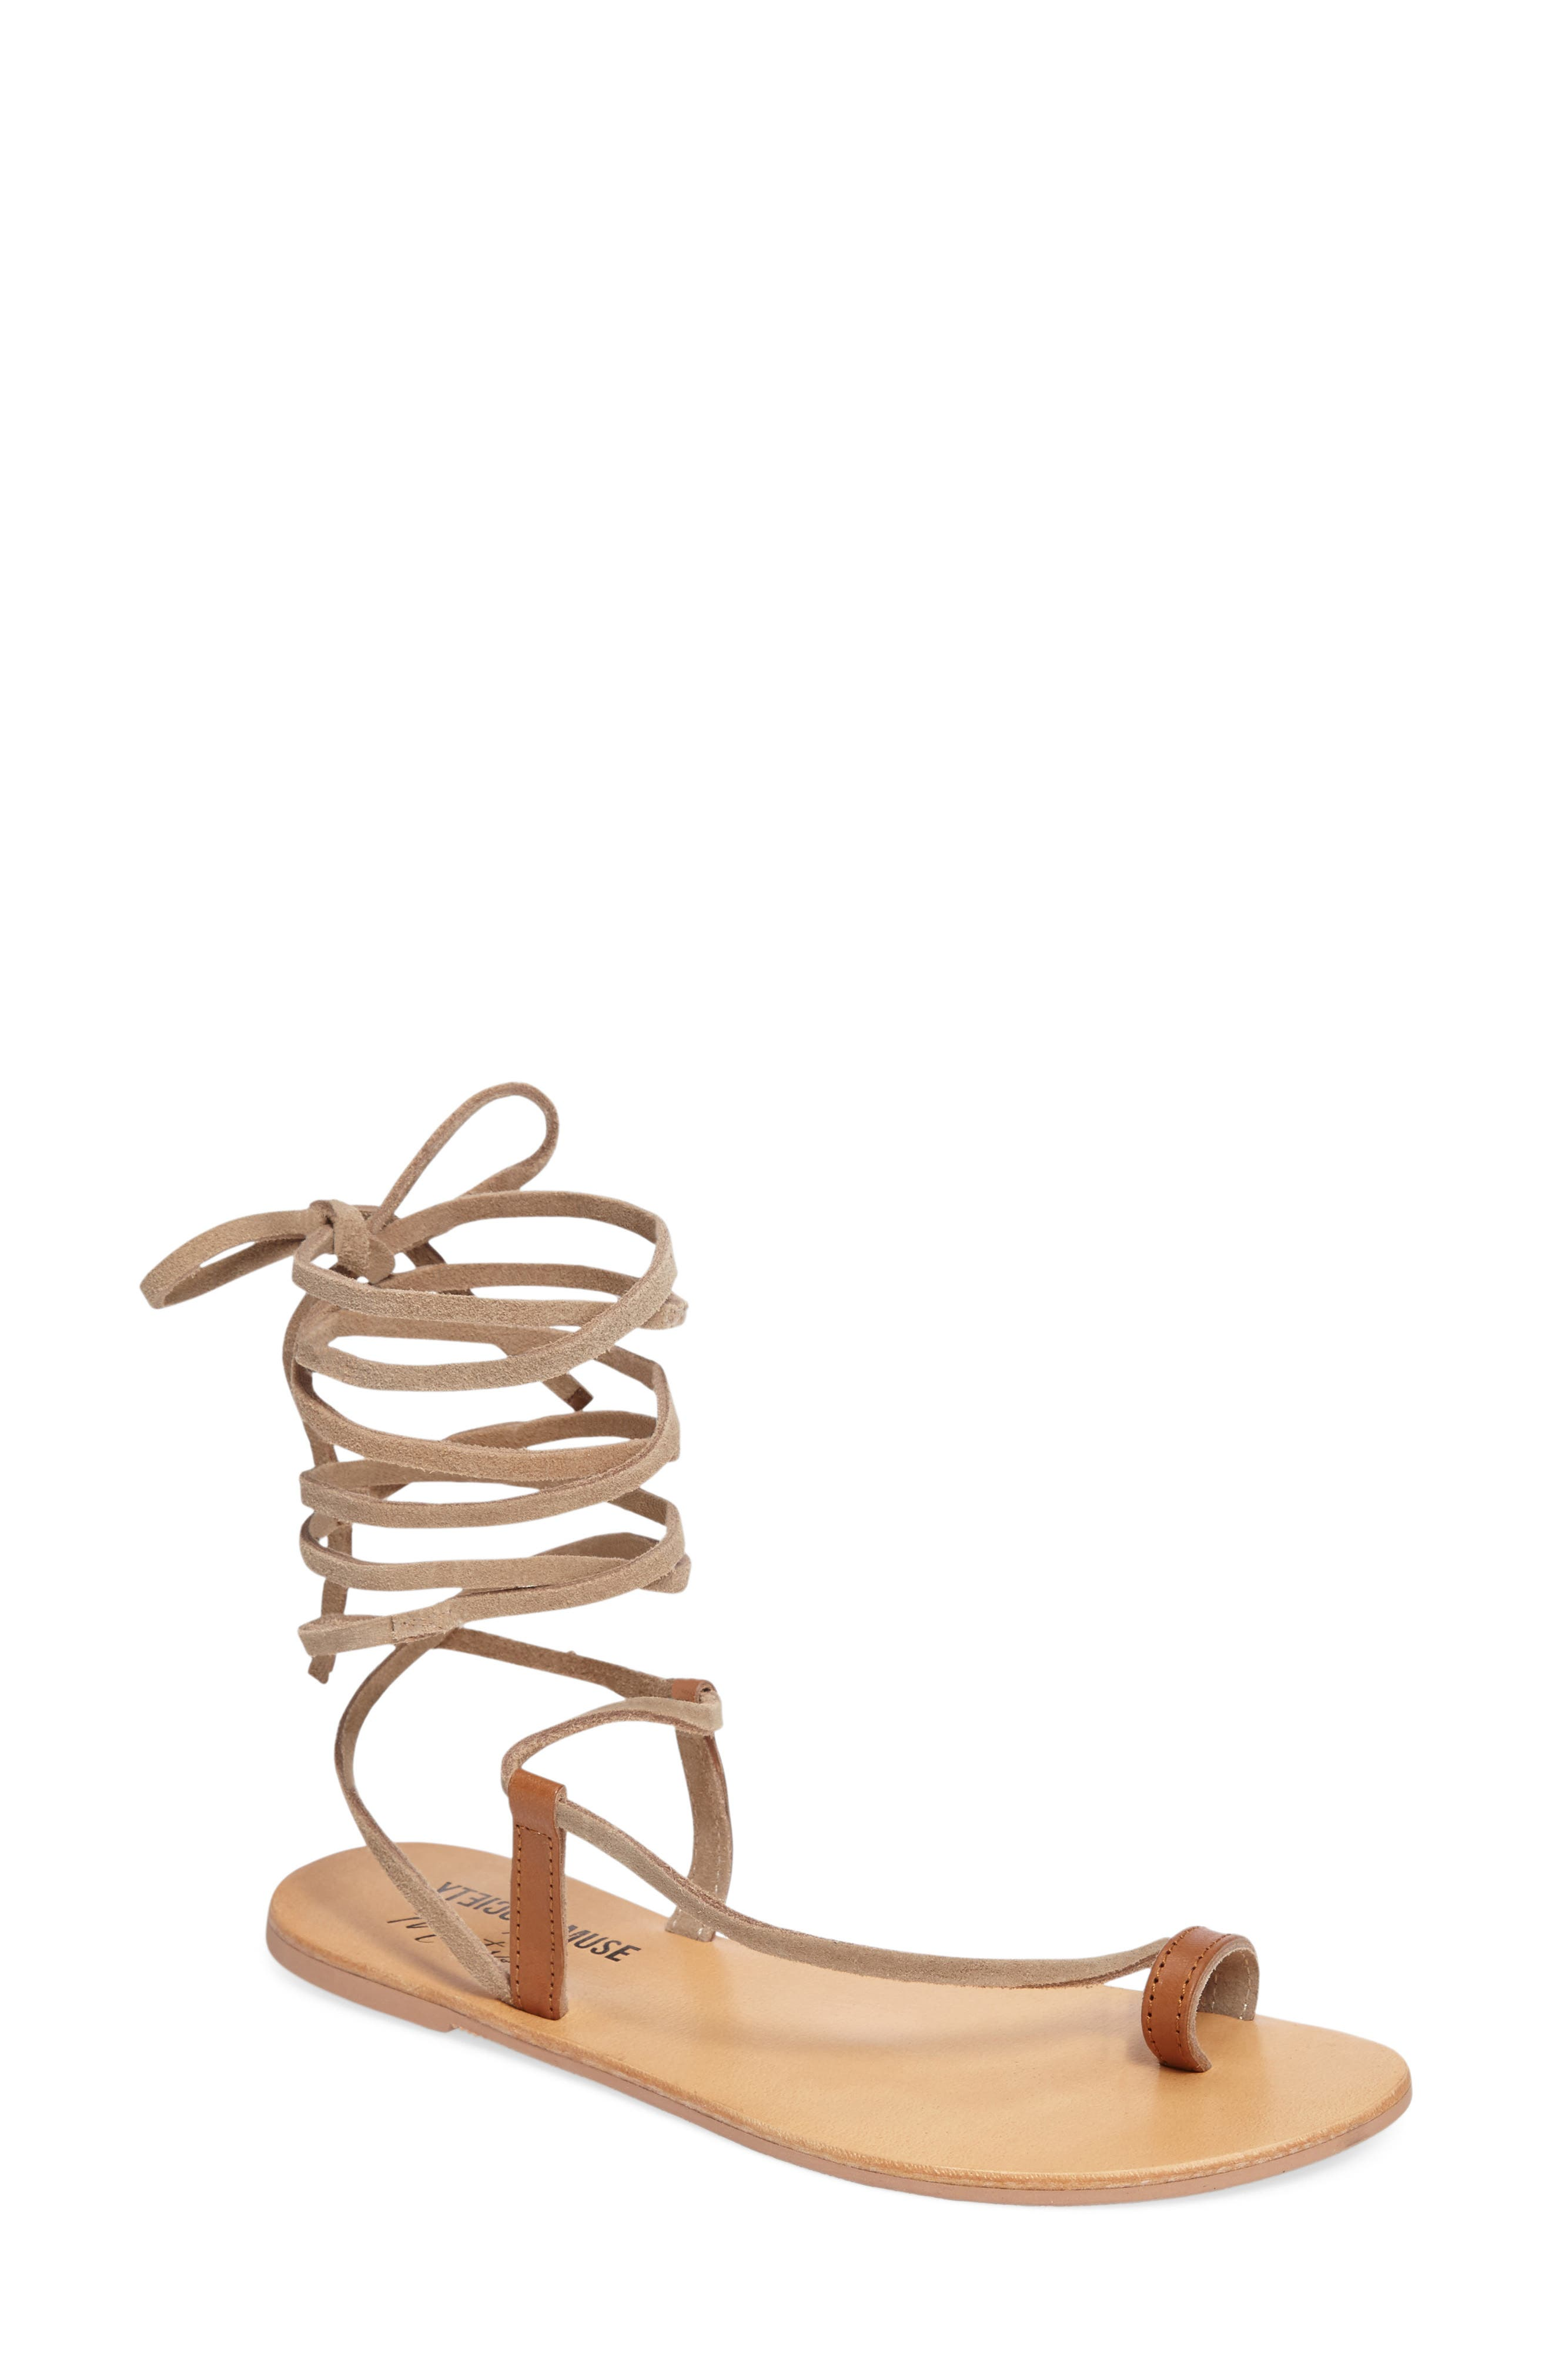 Main Image - Amuse Society x Matisse Getaway Wraparound Sandal (Women)